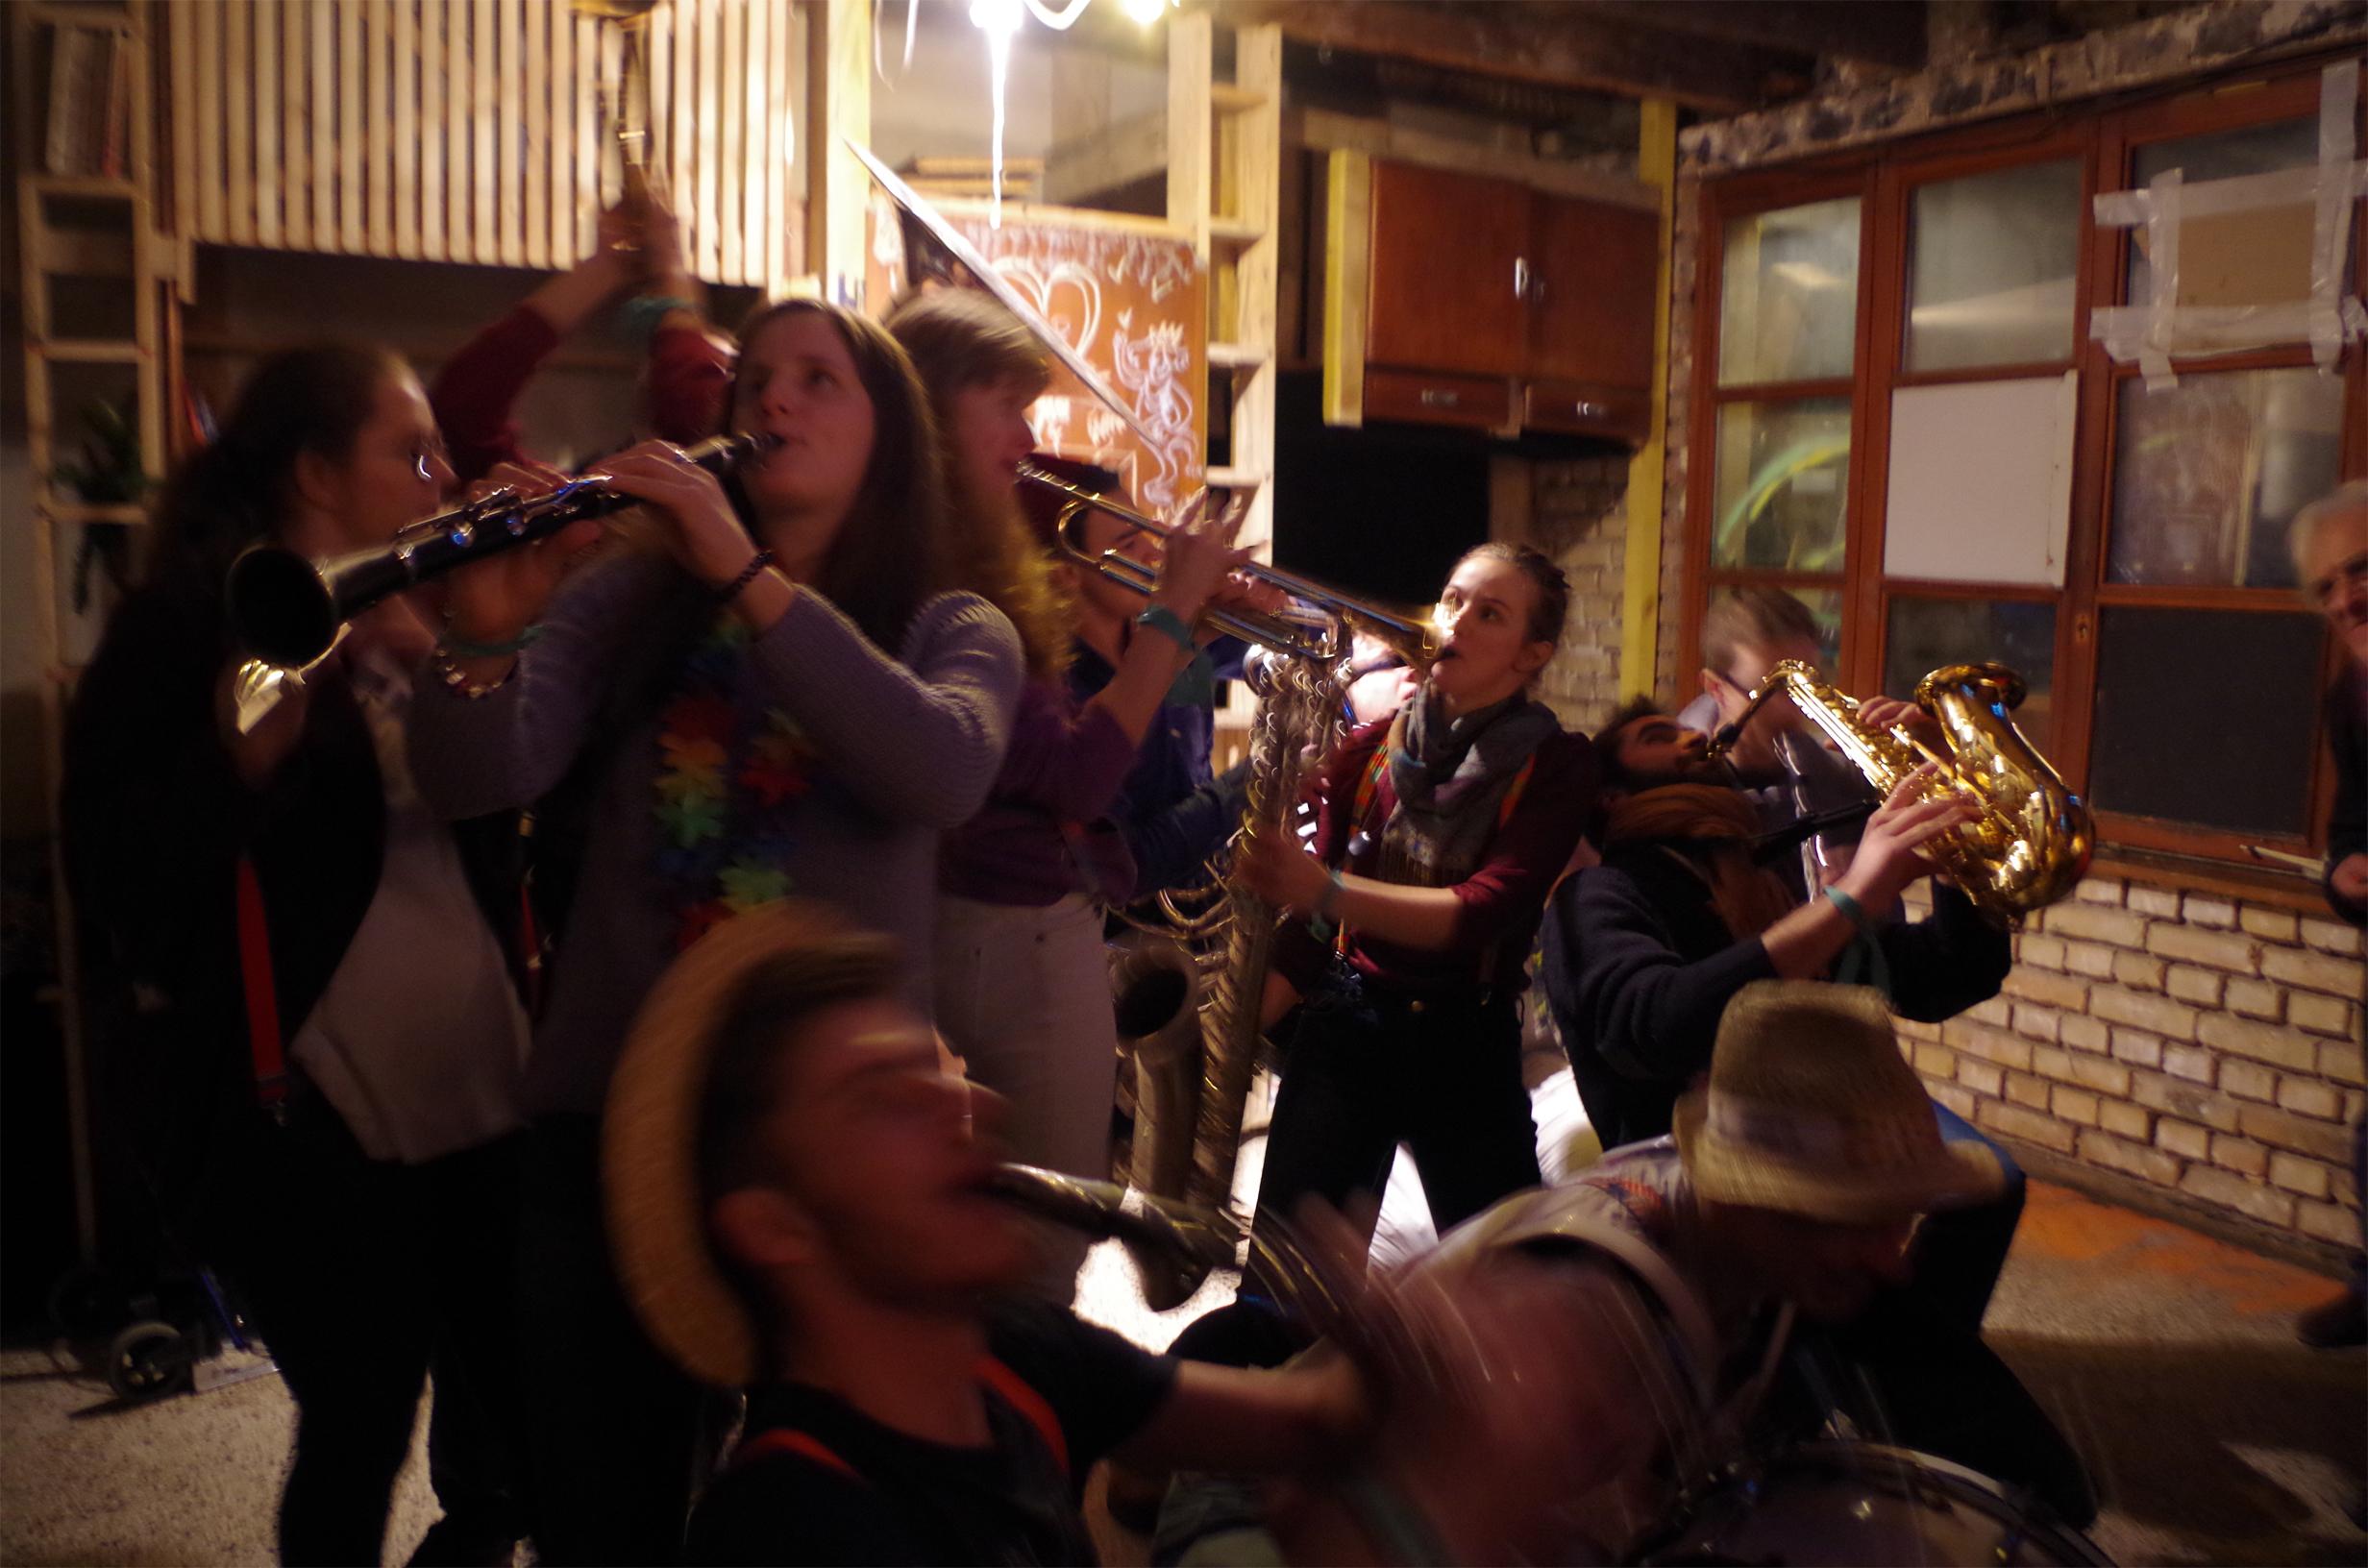 La fanfare de l'INSA de Strasbourg – Concert bien apprécié devant les nouvelles réalisations.